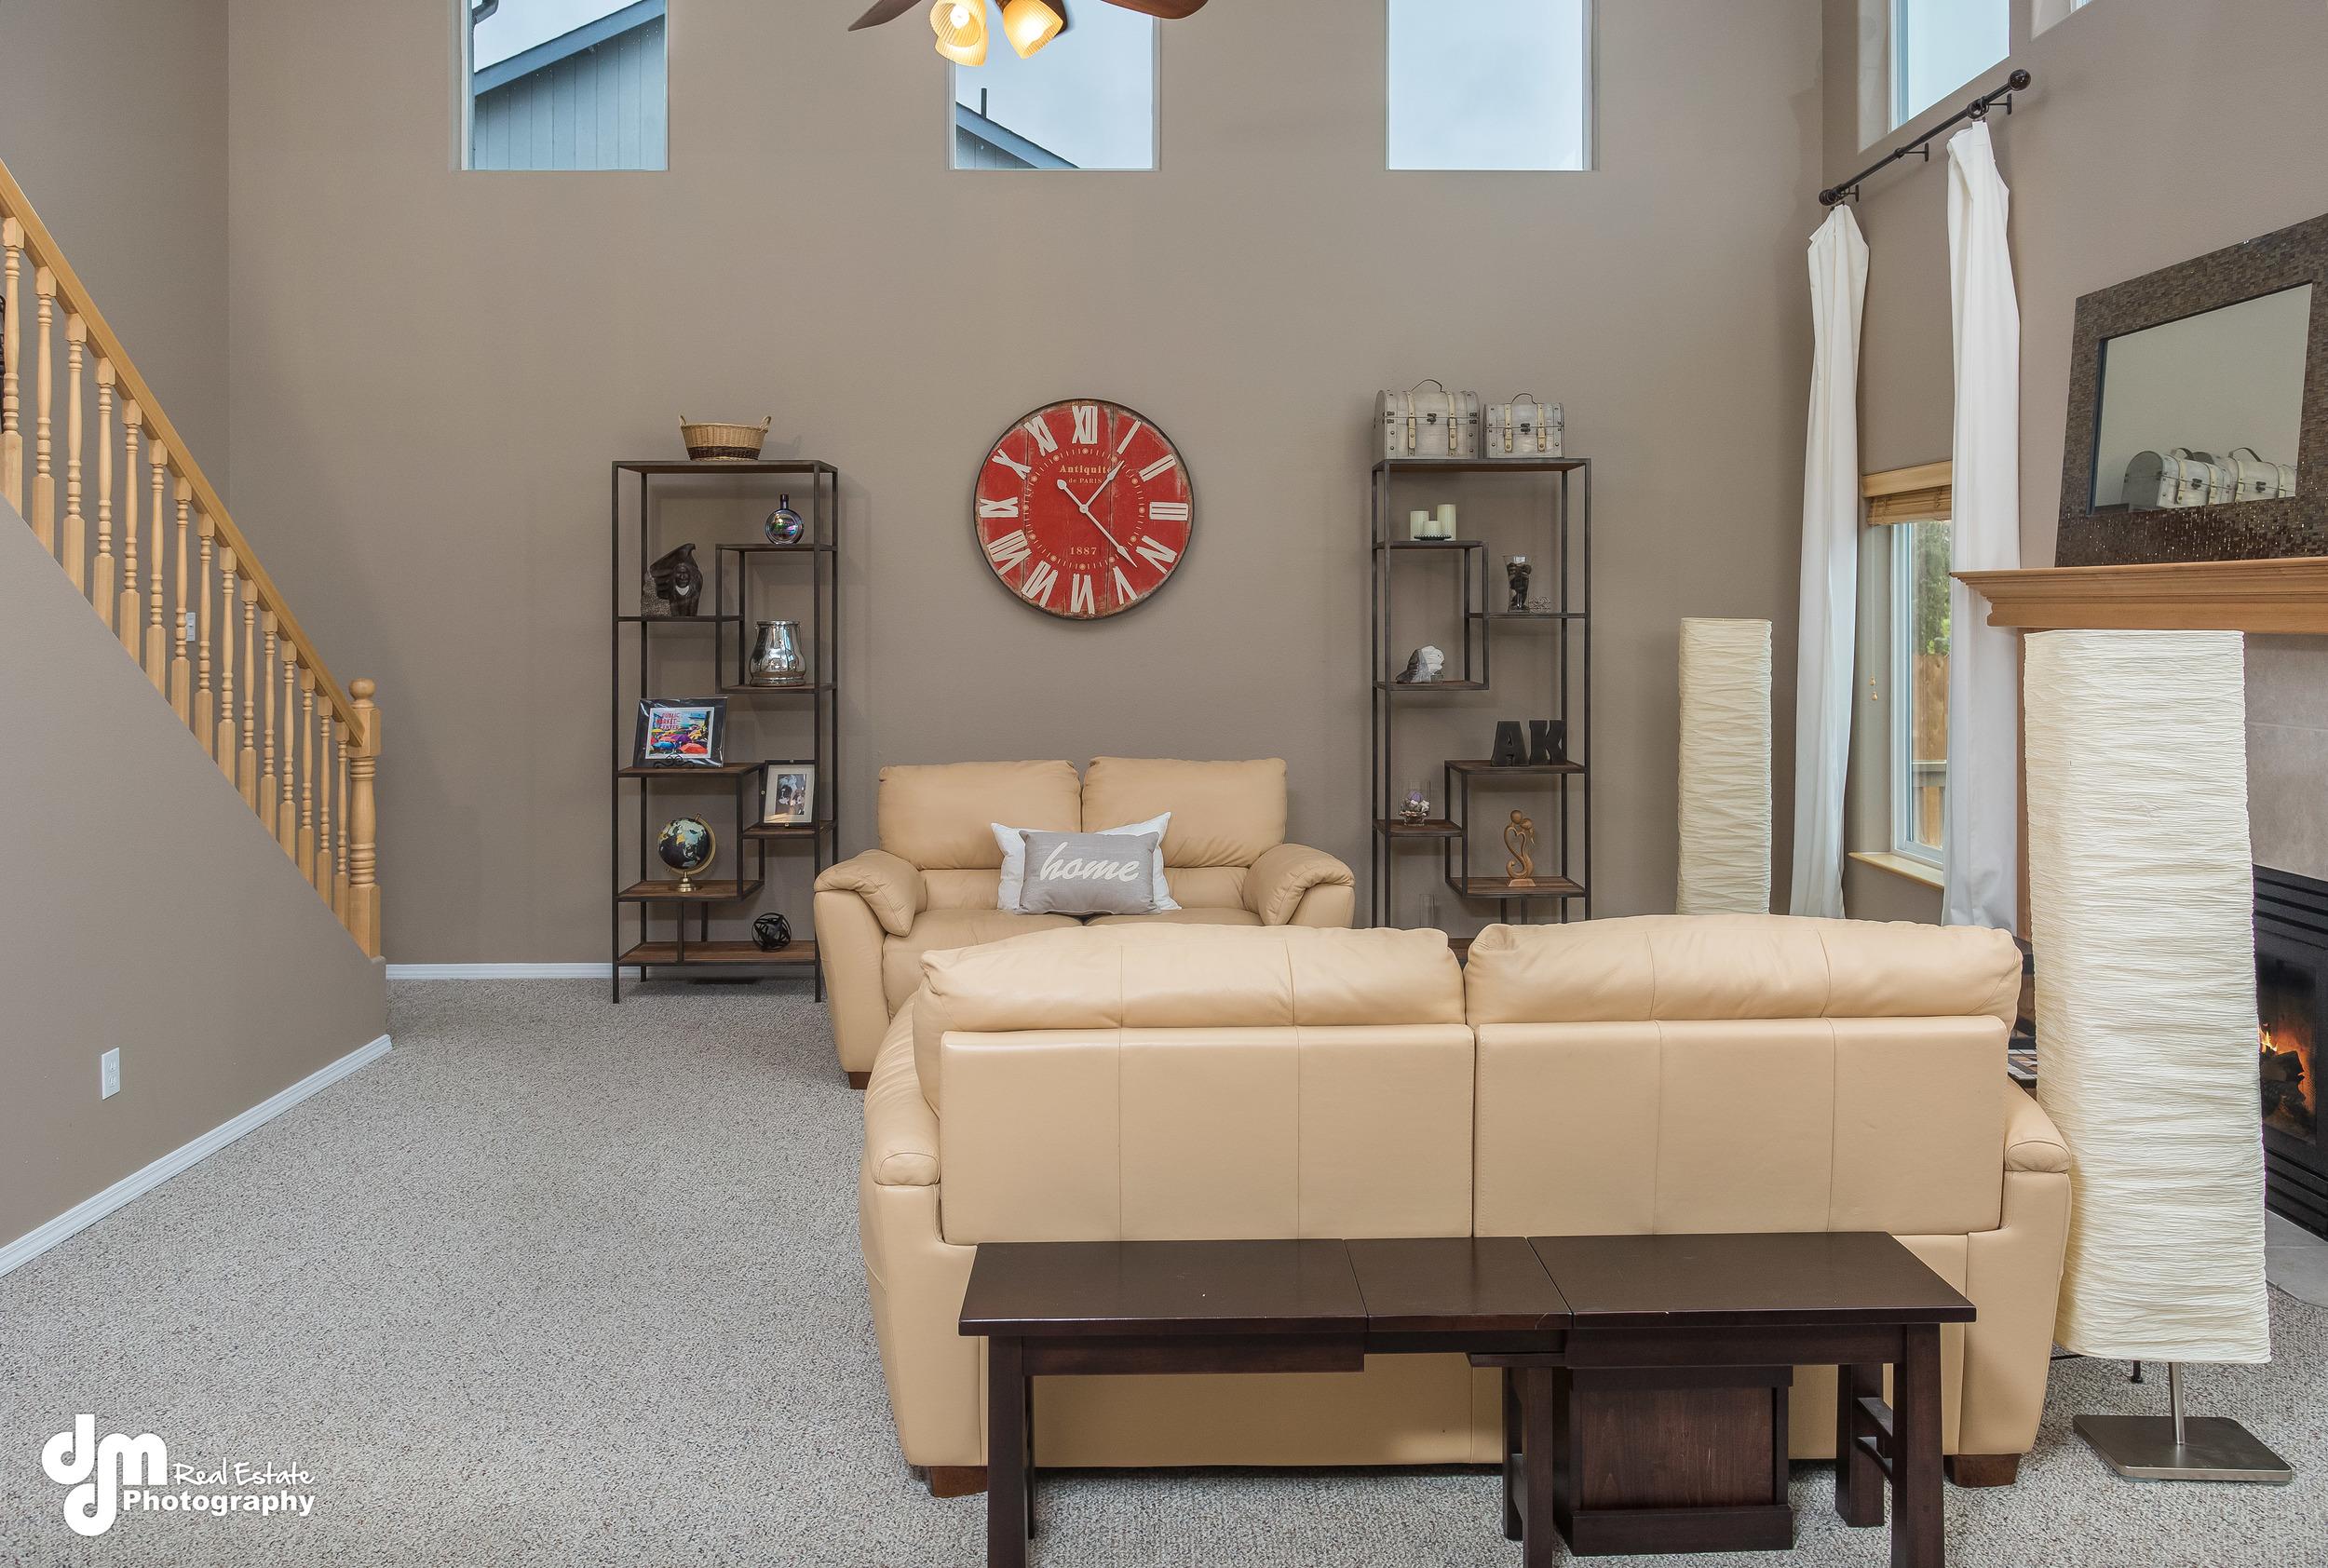 Living Room_DMD_6714.jpg